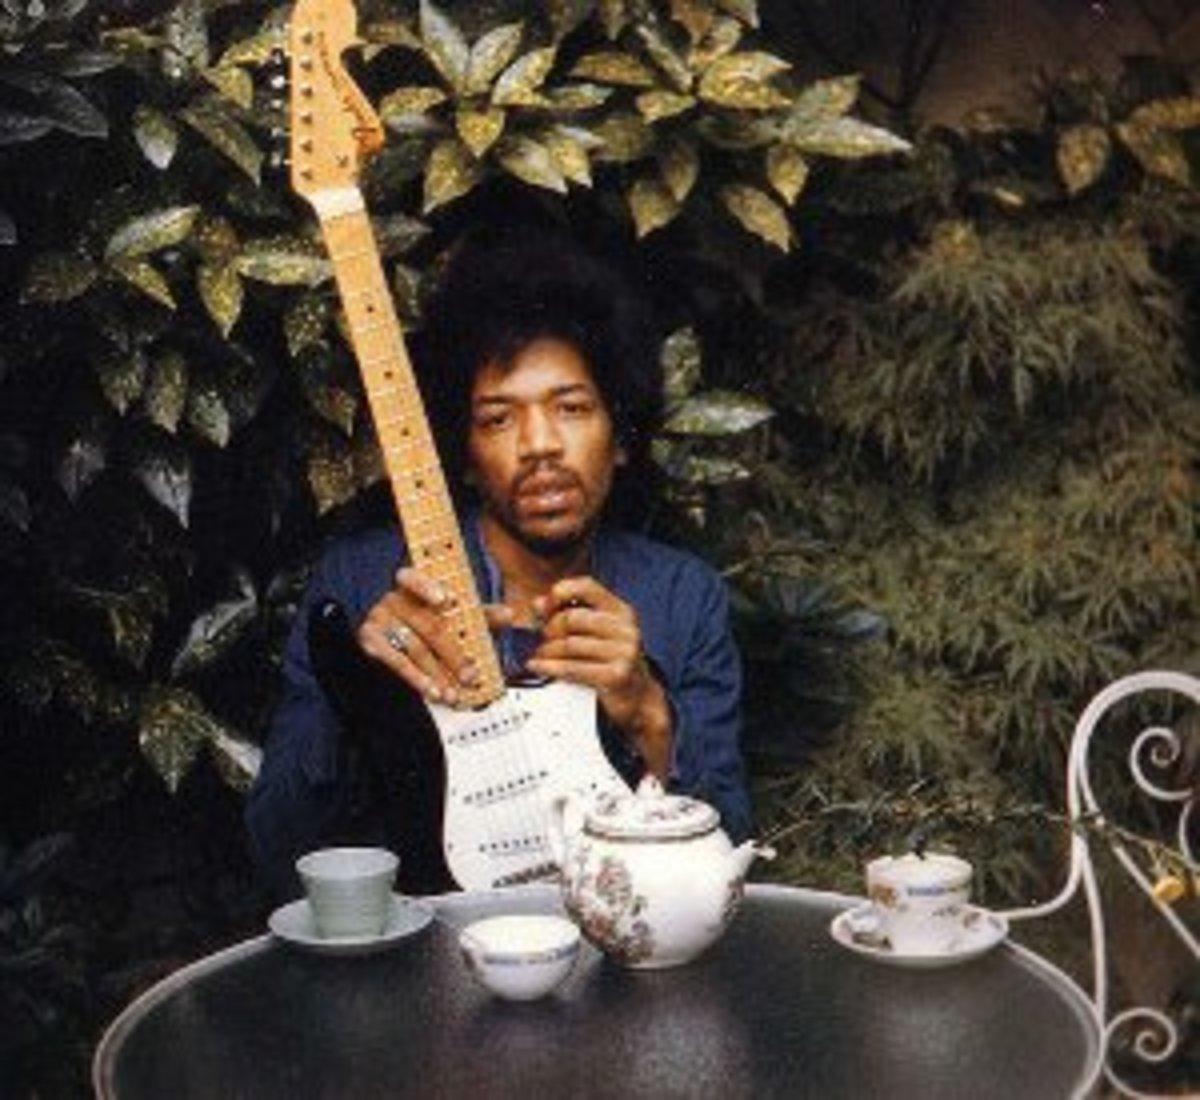 The last photo of Jimi Hendrix